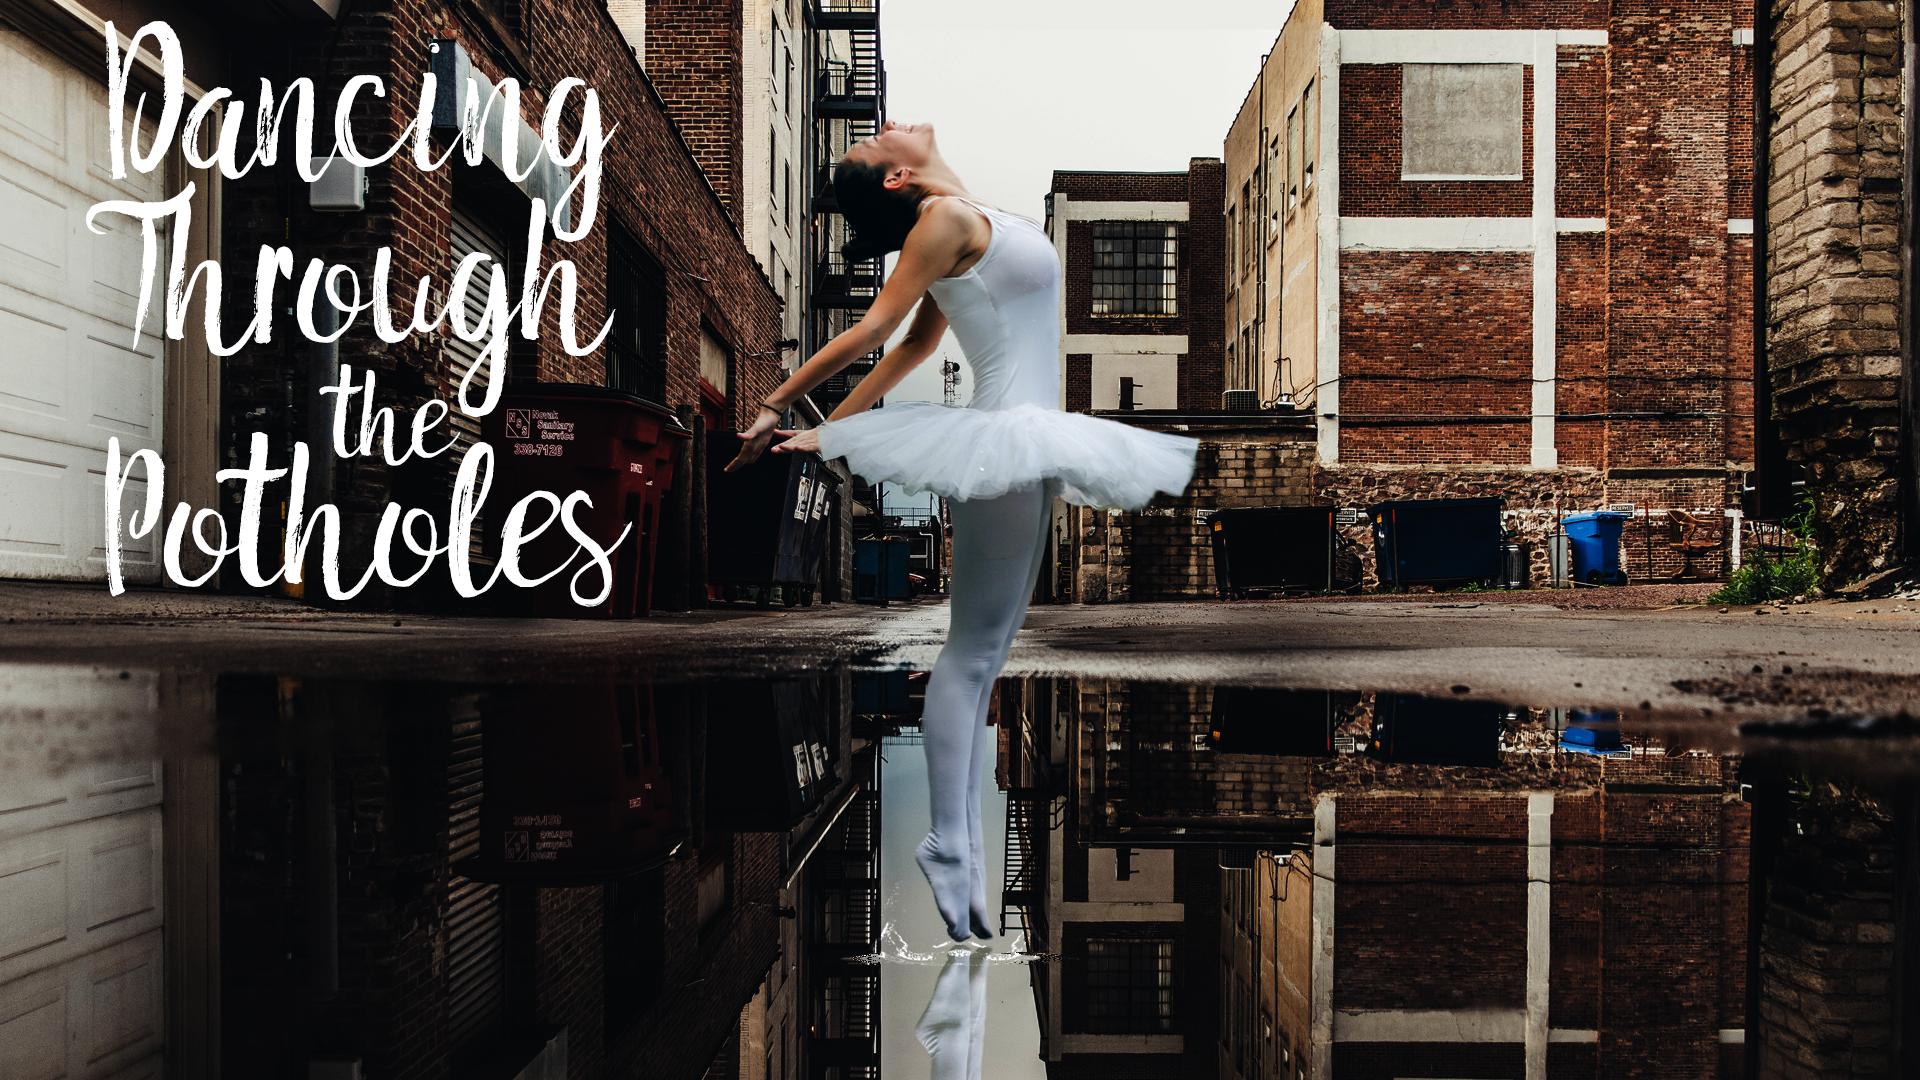 dancing-through-potholes-final.png